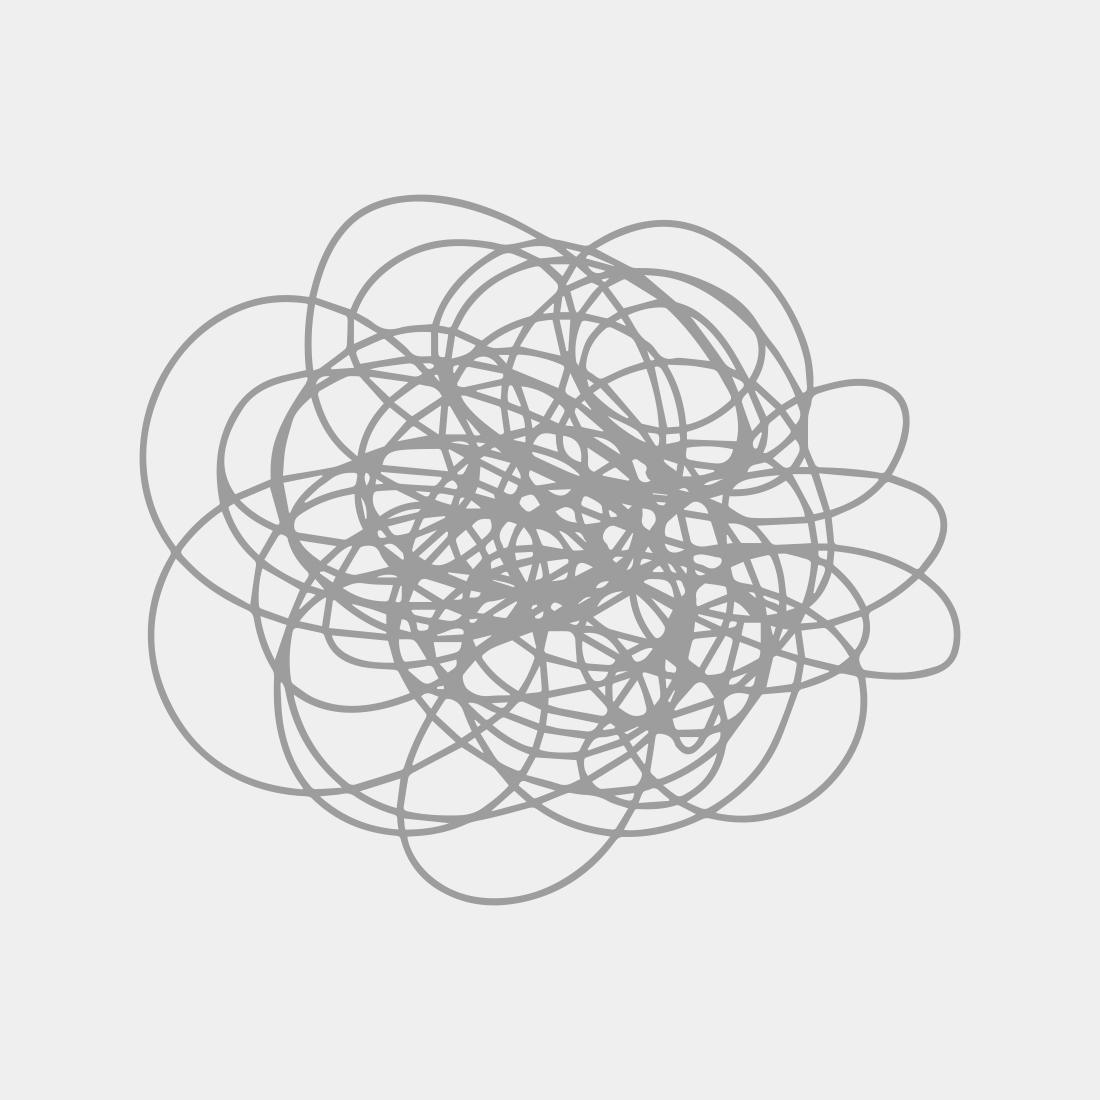 Richard Diebenkorn Exhibition Poster, 2015